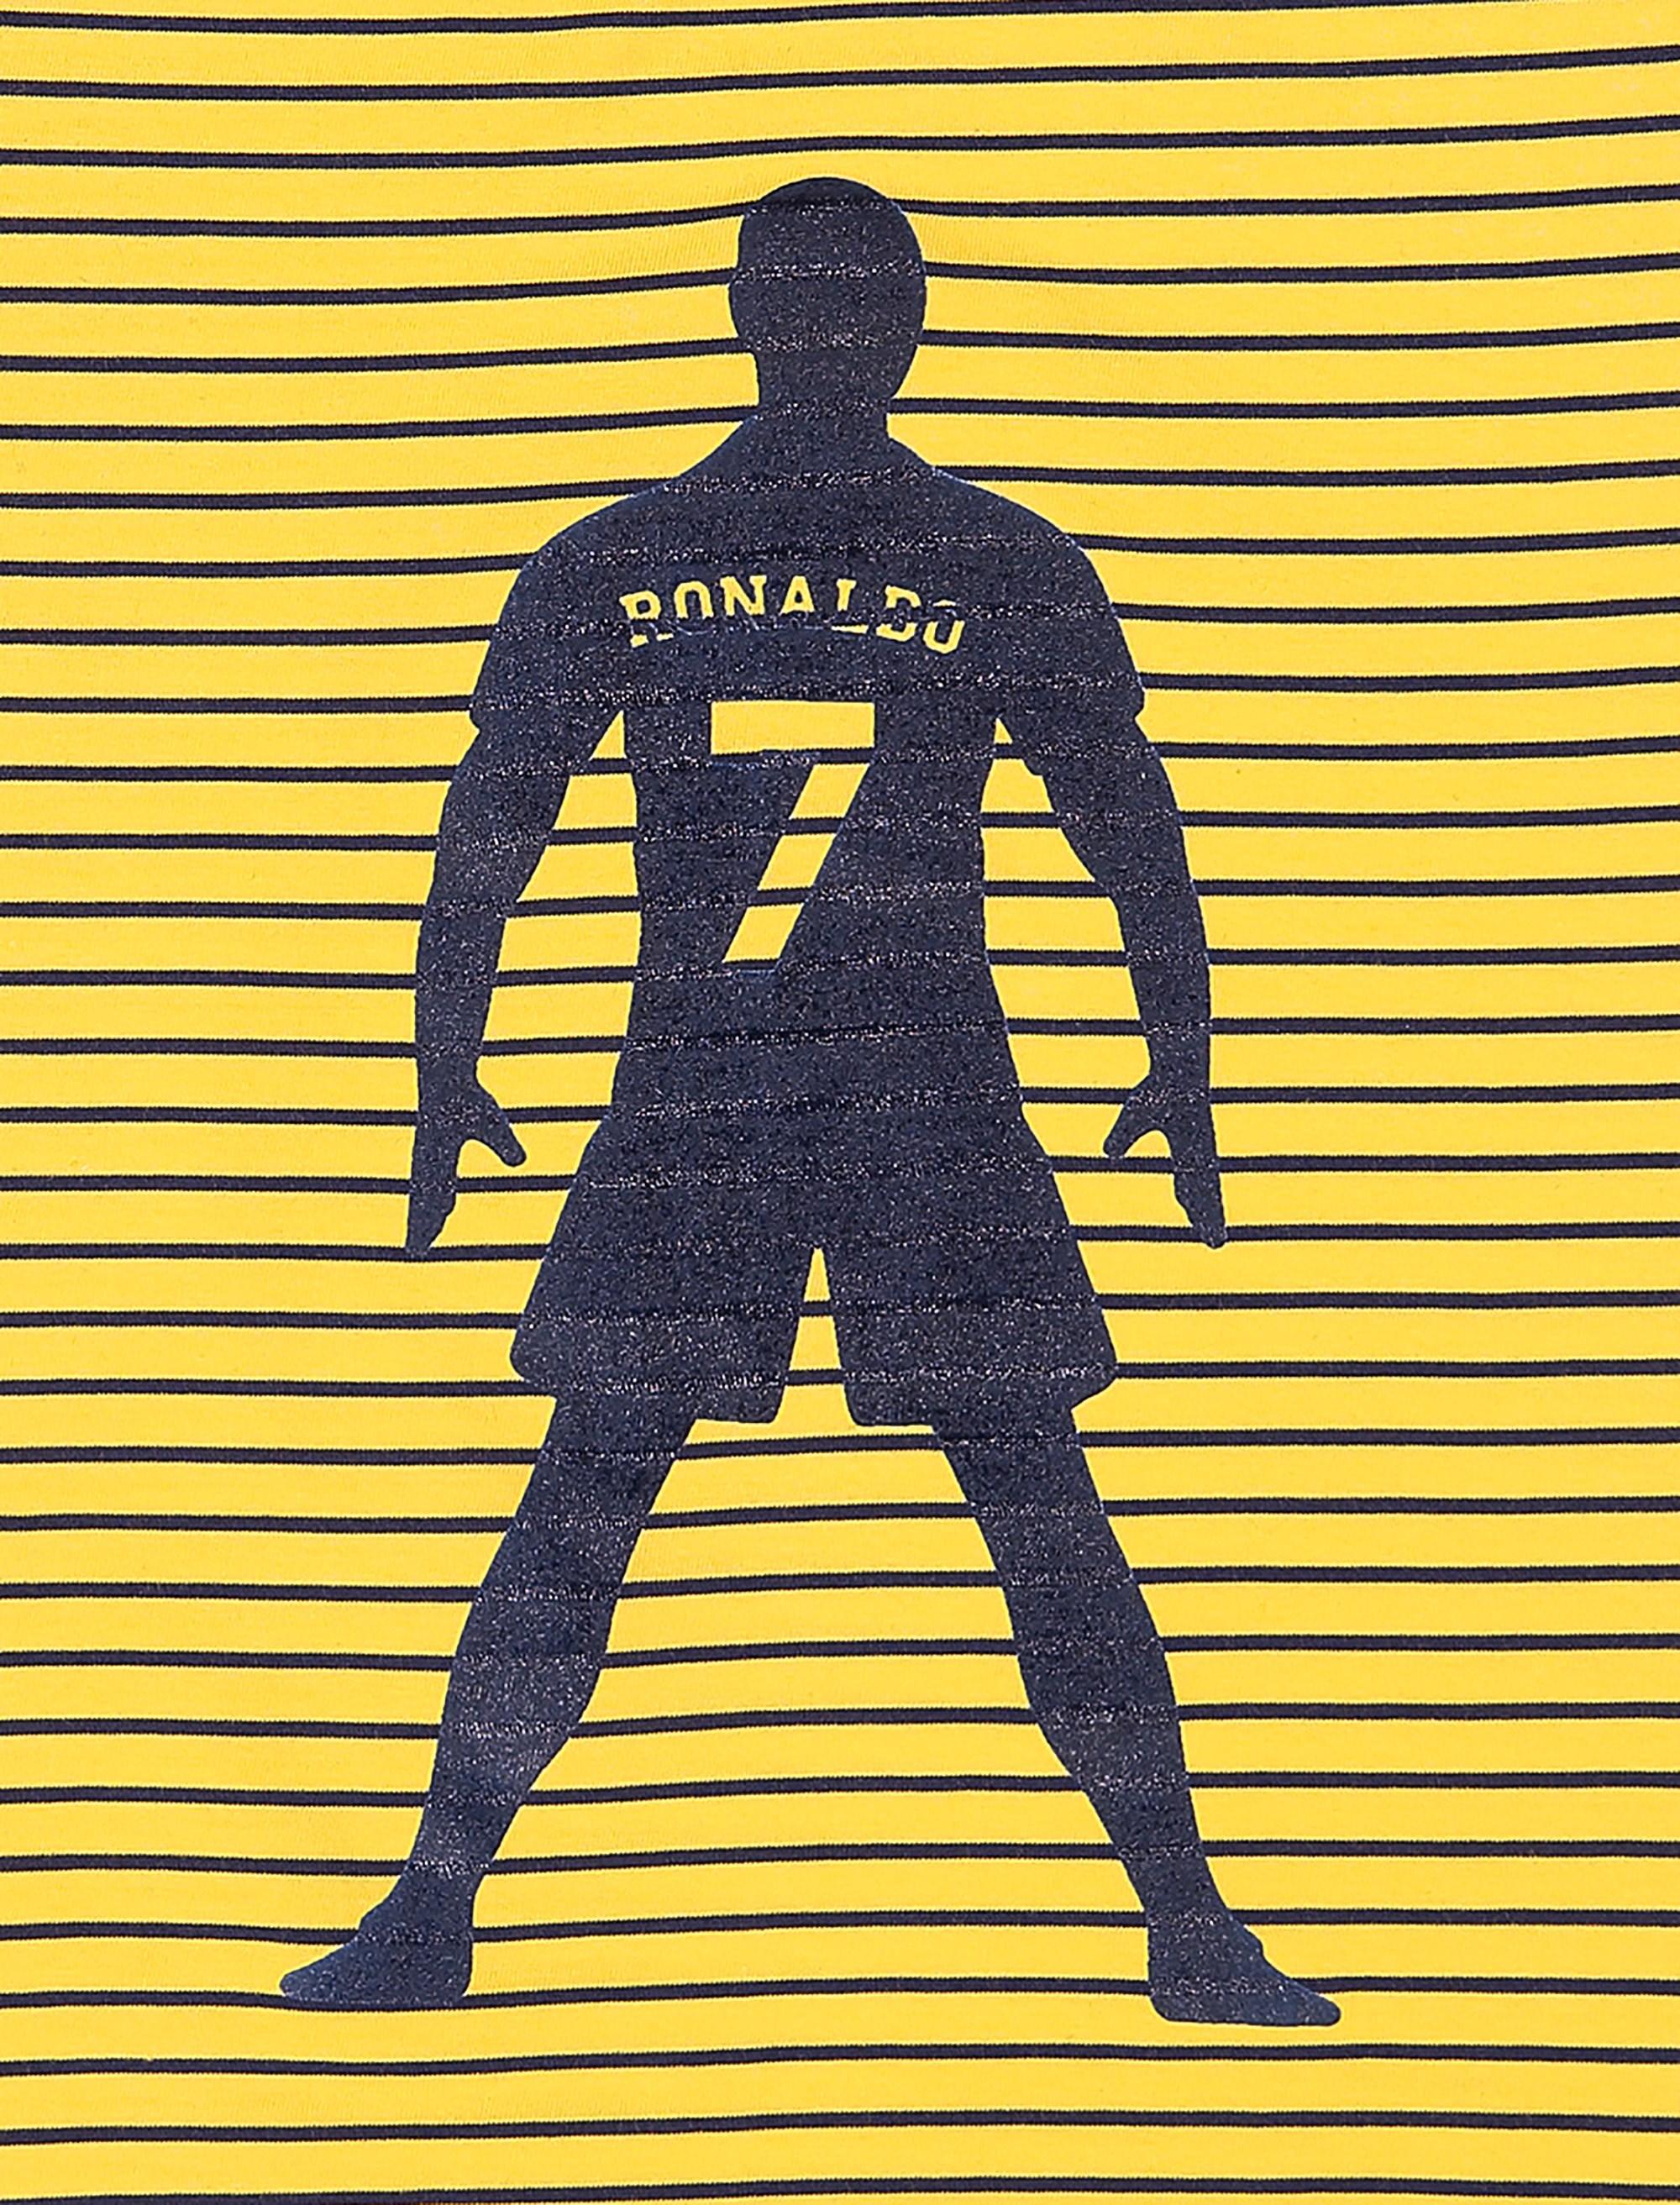 تاپ و شلوارک نخی پسرانه Ronaldo - تدی بیر - زرد/سرمه اي - 4